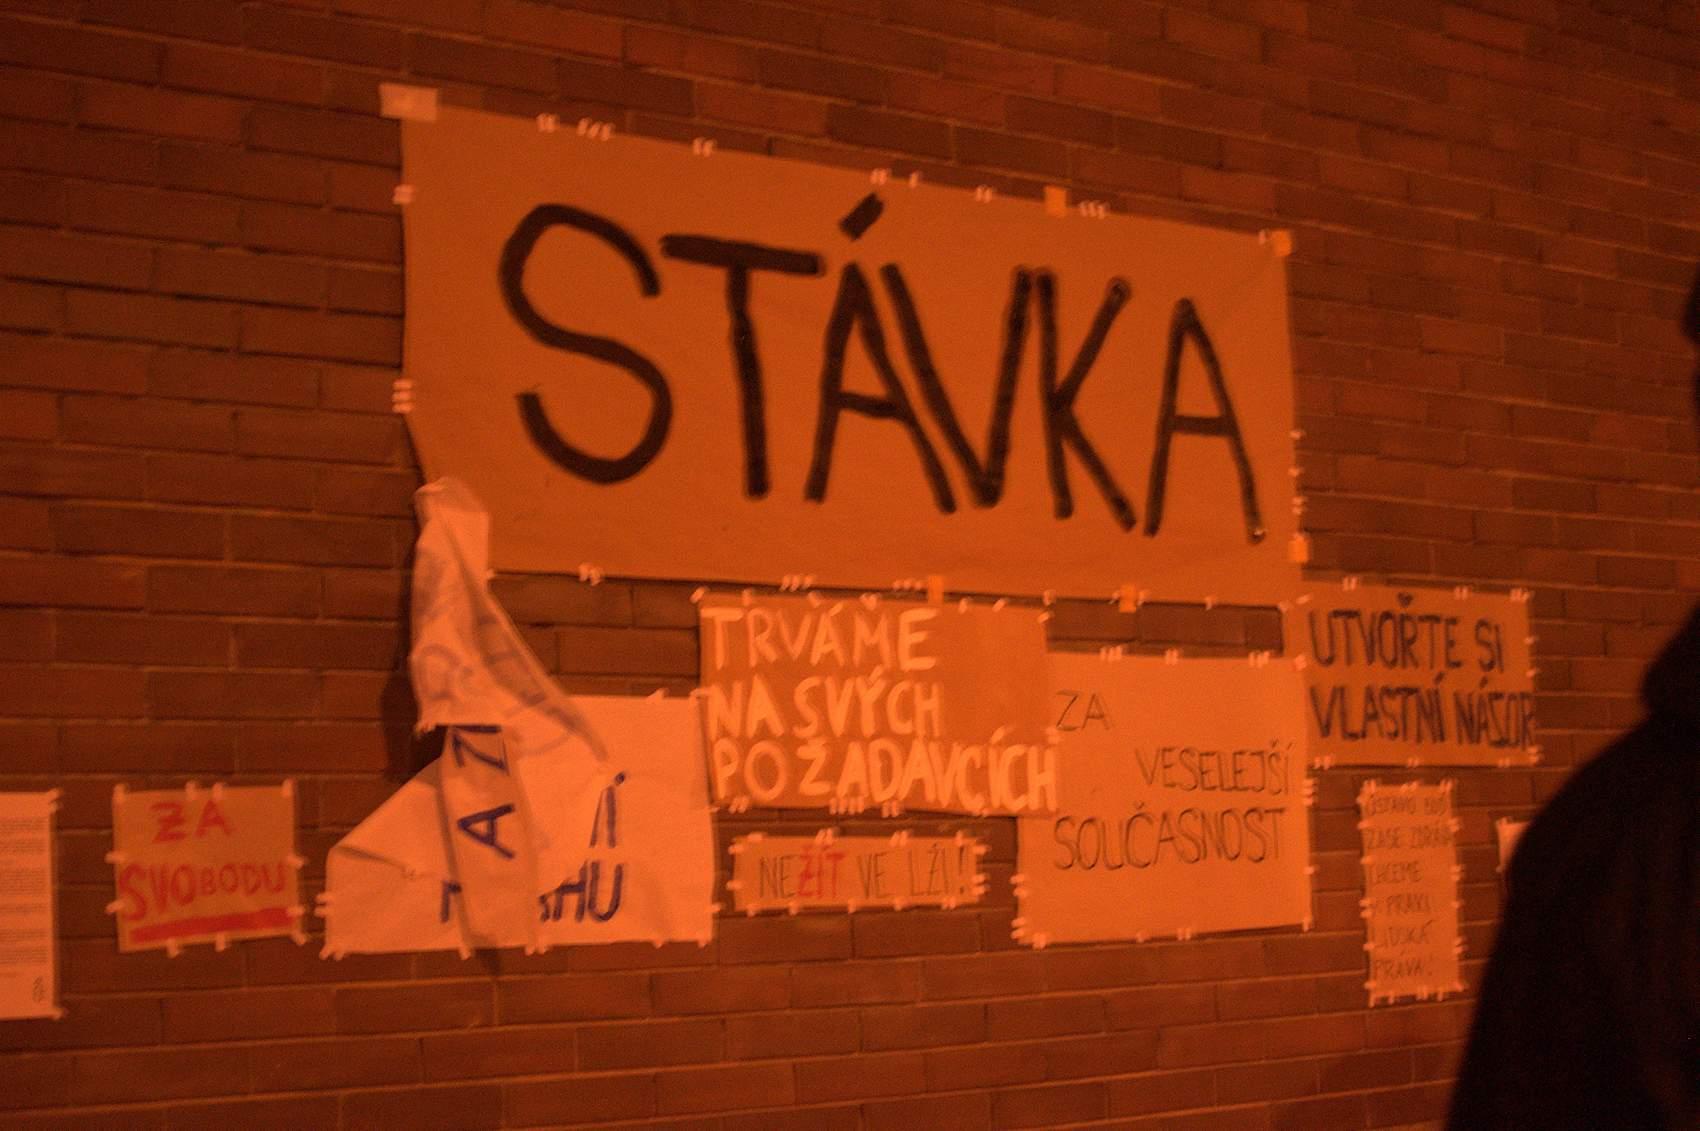 U budovy filozofické fakulty přivítaly studenty plakáty na zdi. Foto: Michaela Nárožná